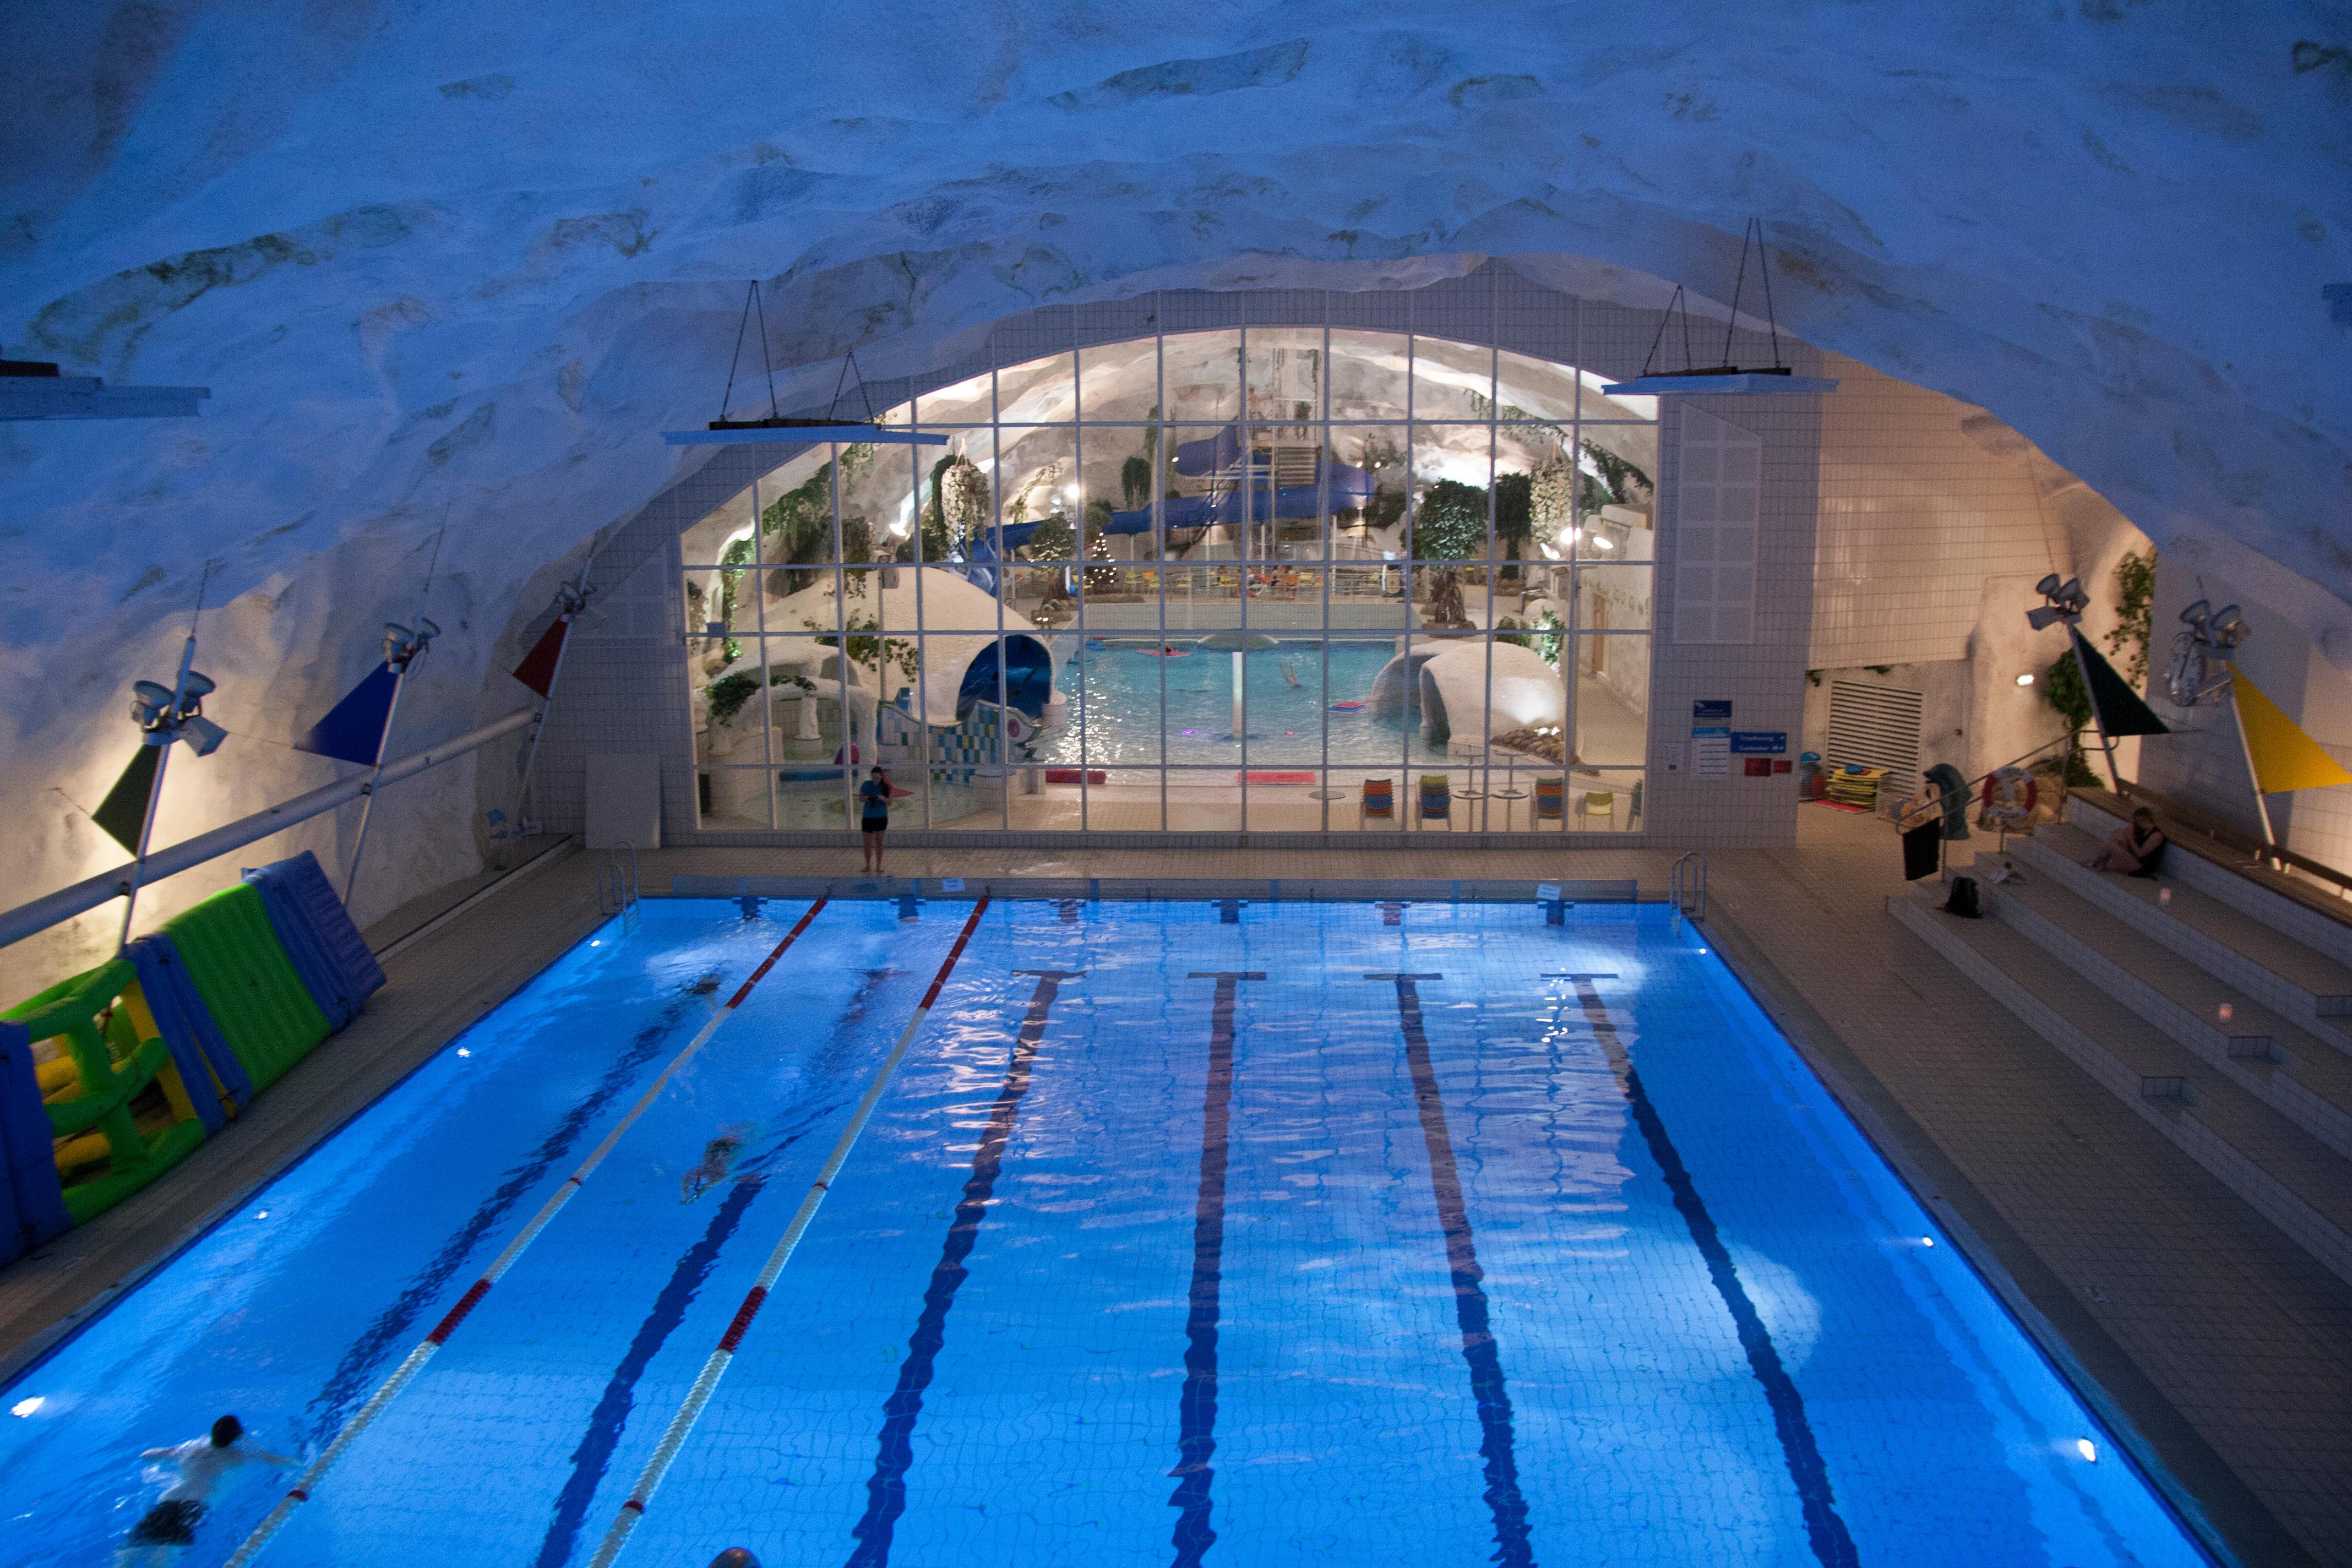 Kveldssvømming Grottebadet